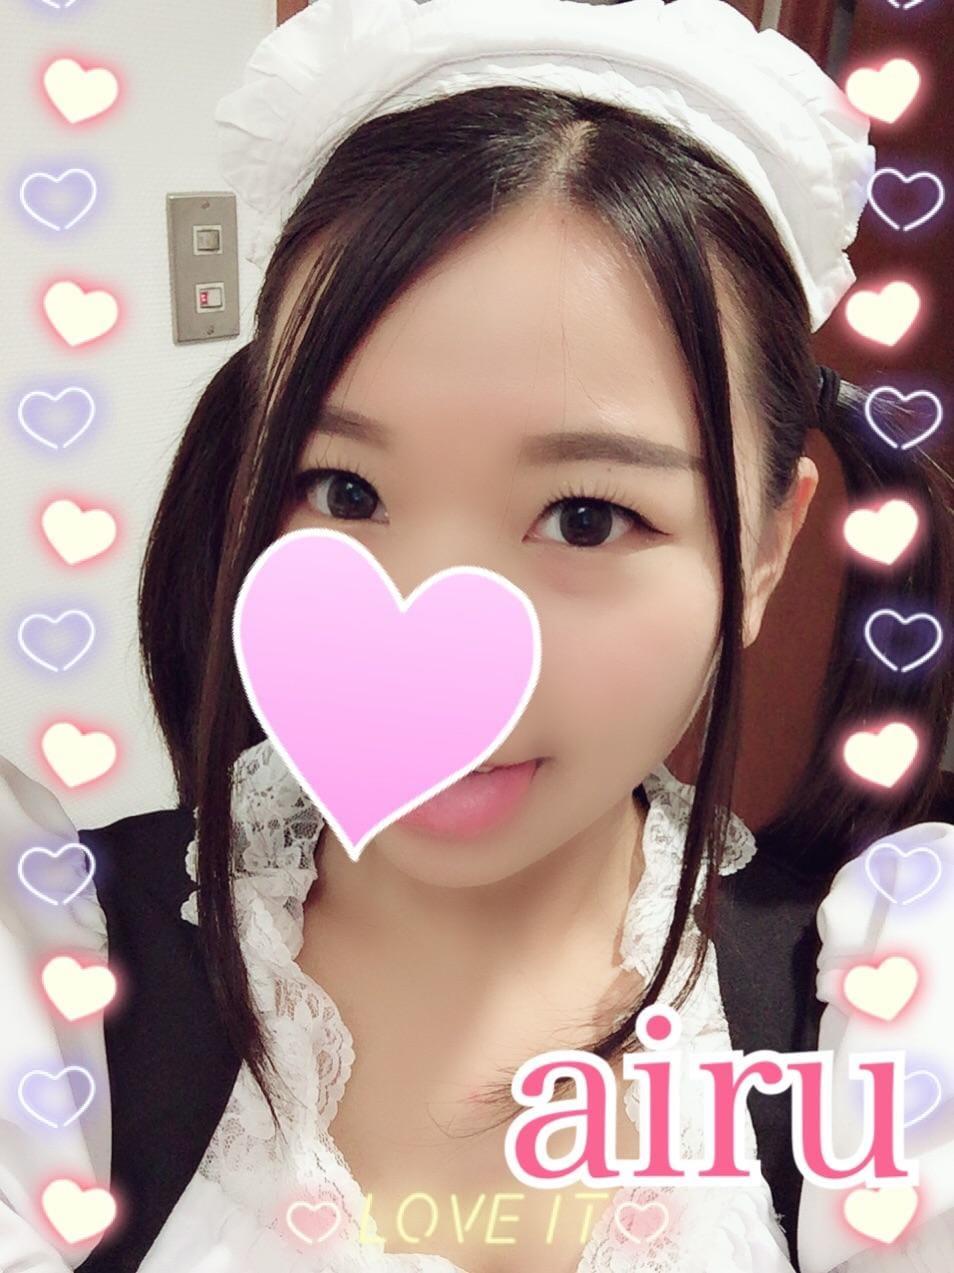 「こにゃにゃちは(?´▽`)?♪」06/24(日) 14:31 | 戸田 あいるの写メ・風俗動画